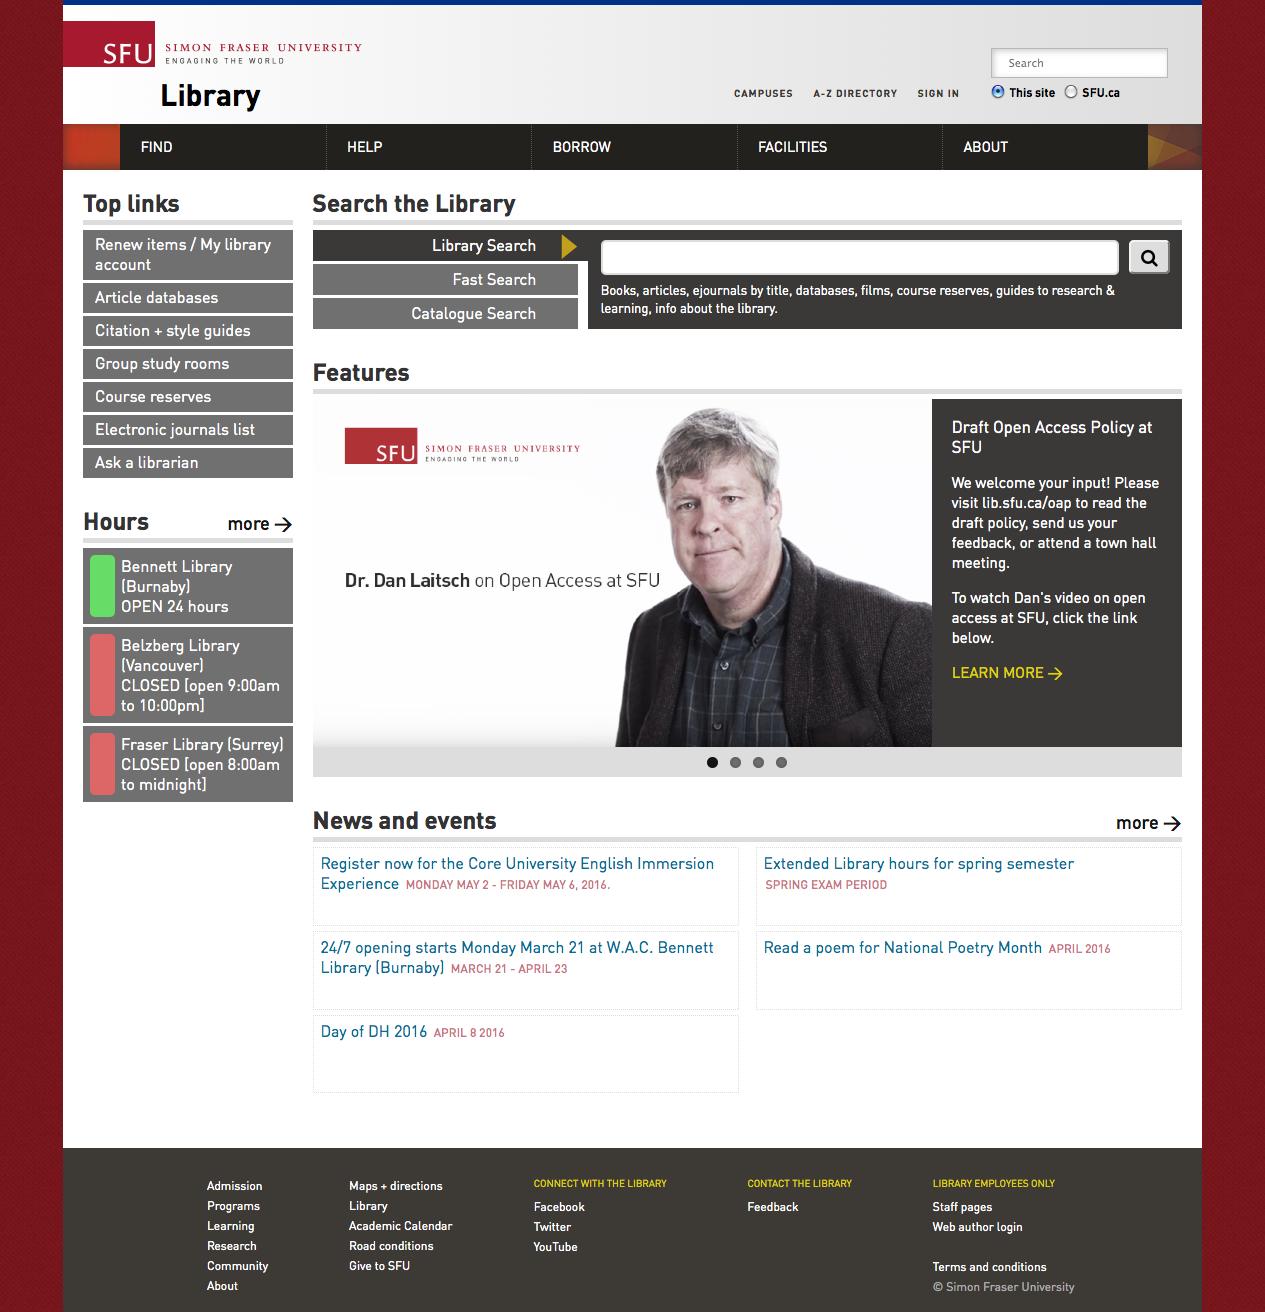 Simon Fraser University Library